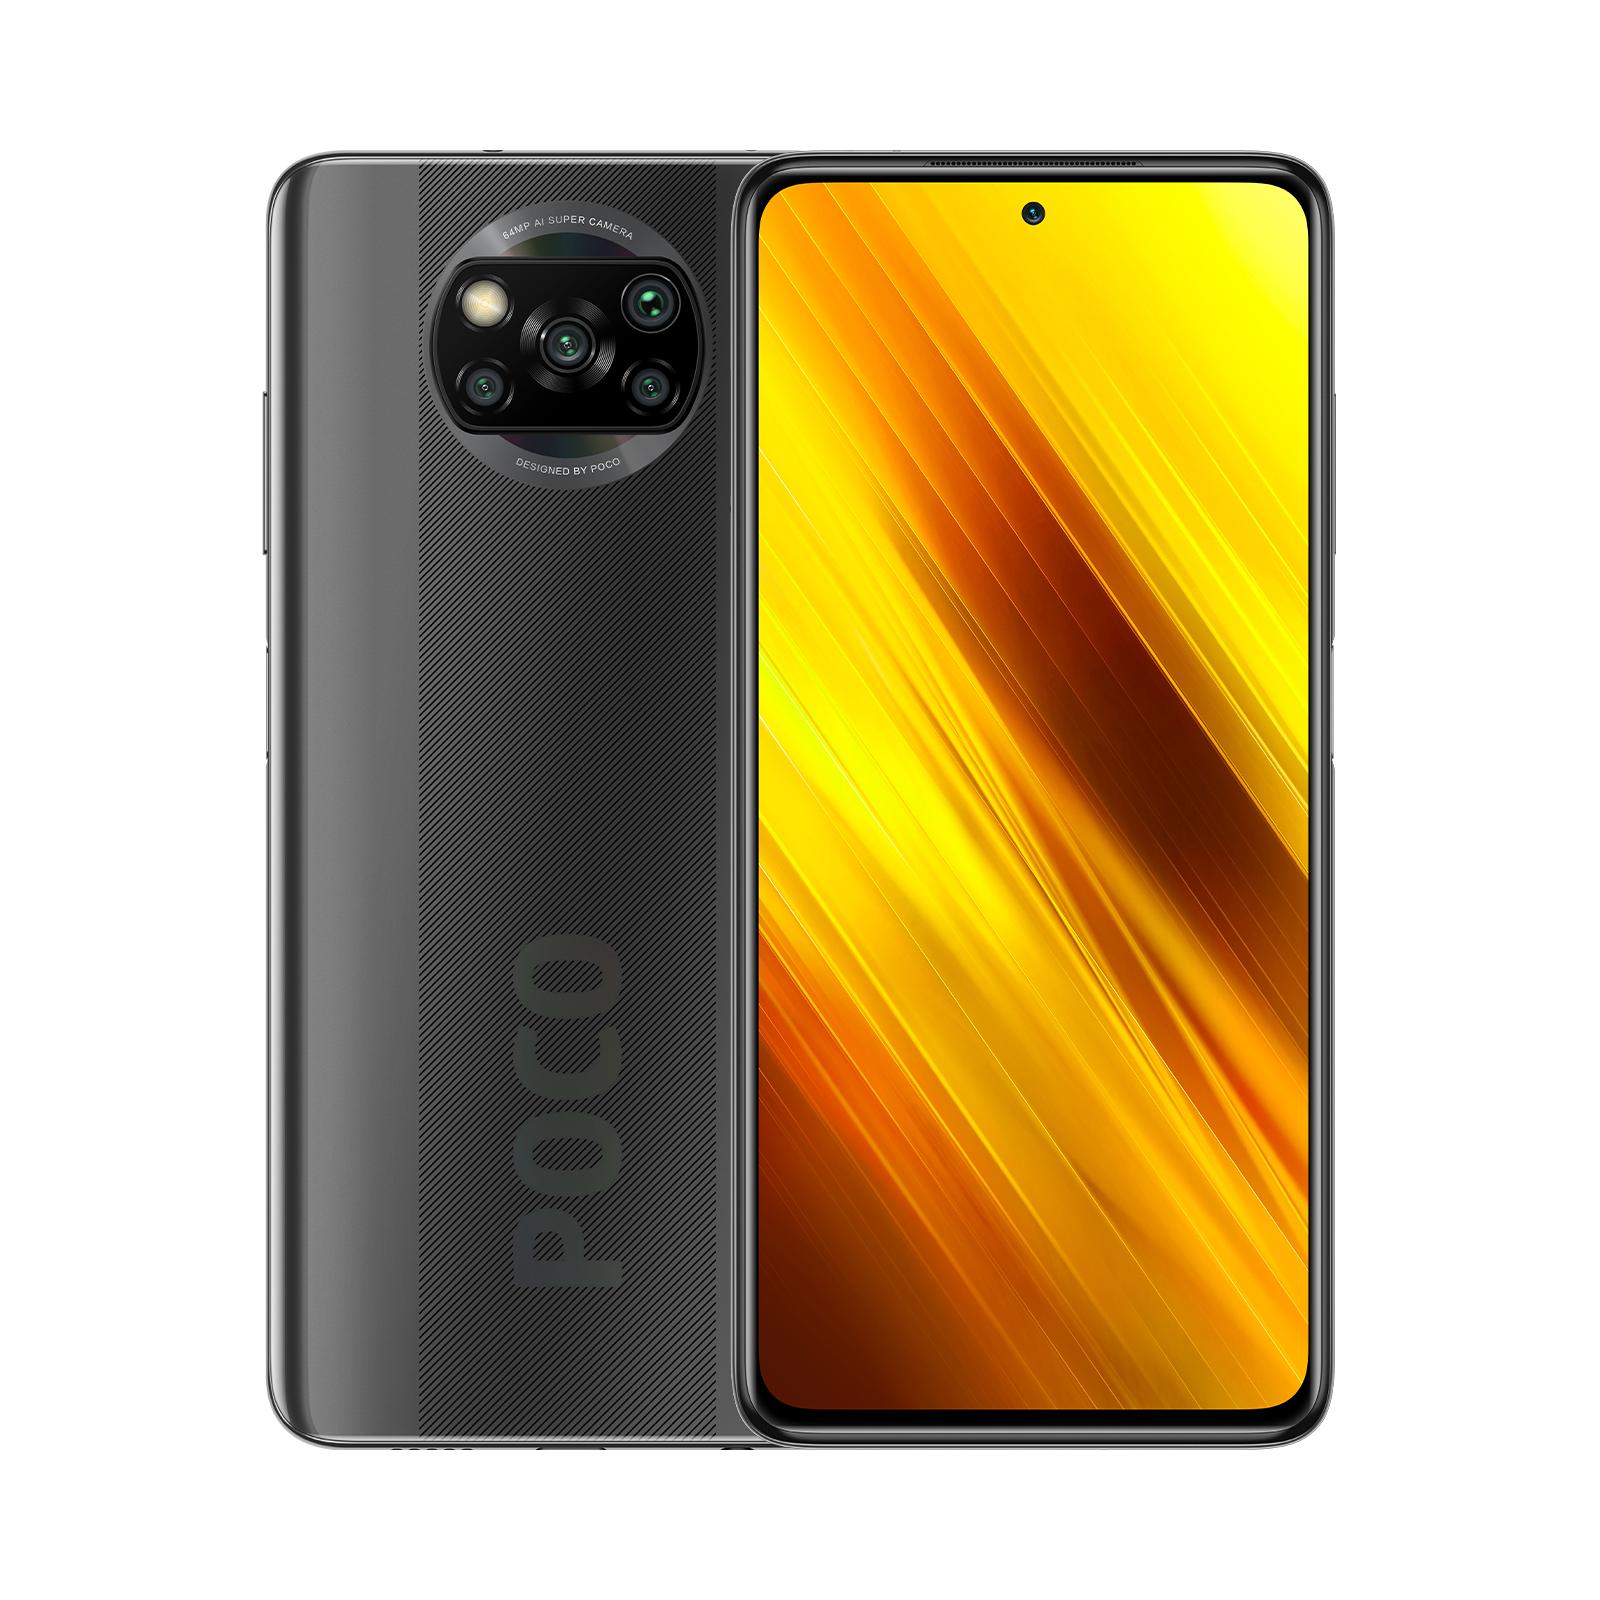 (24 uur deal) Poco X3 NFC 6GB/128GB @ mi.com/nl